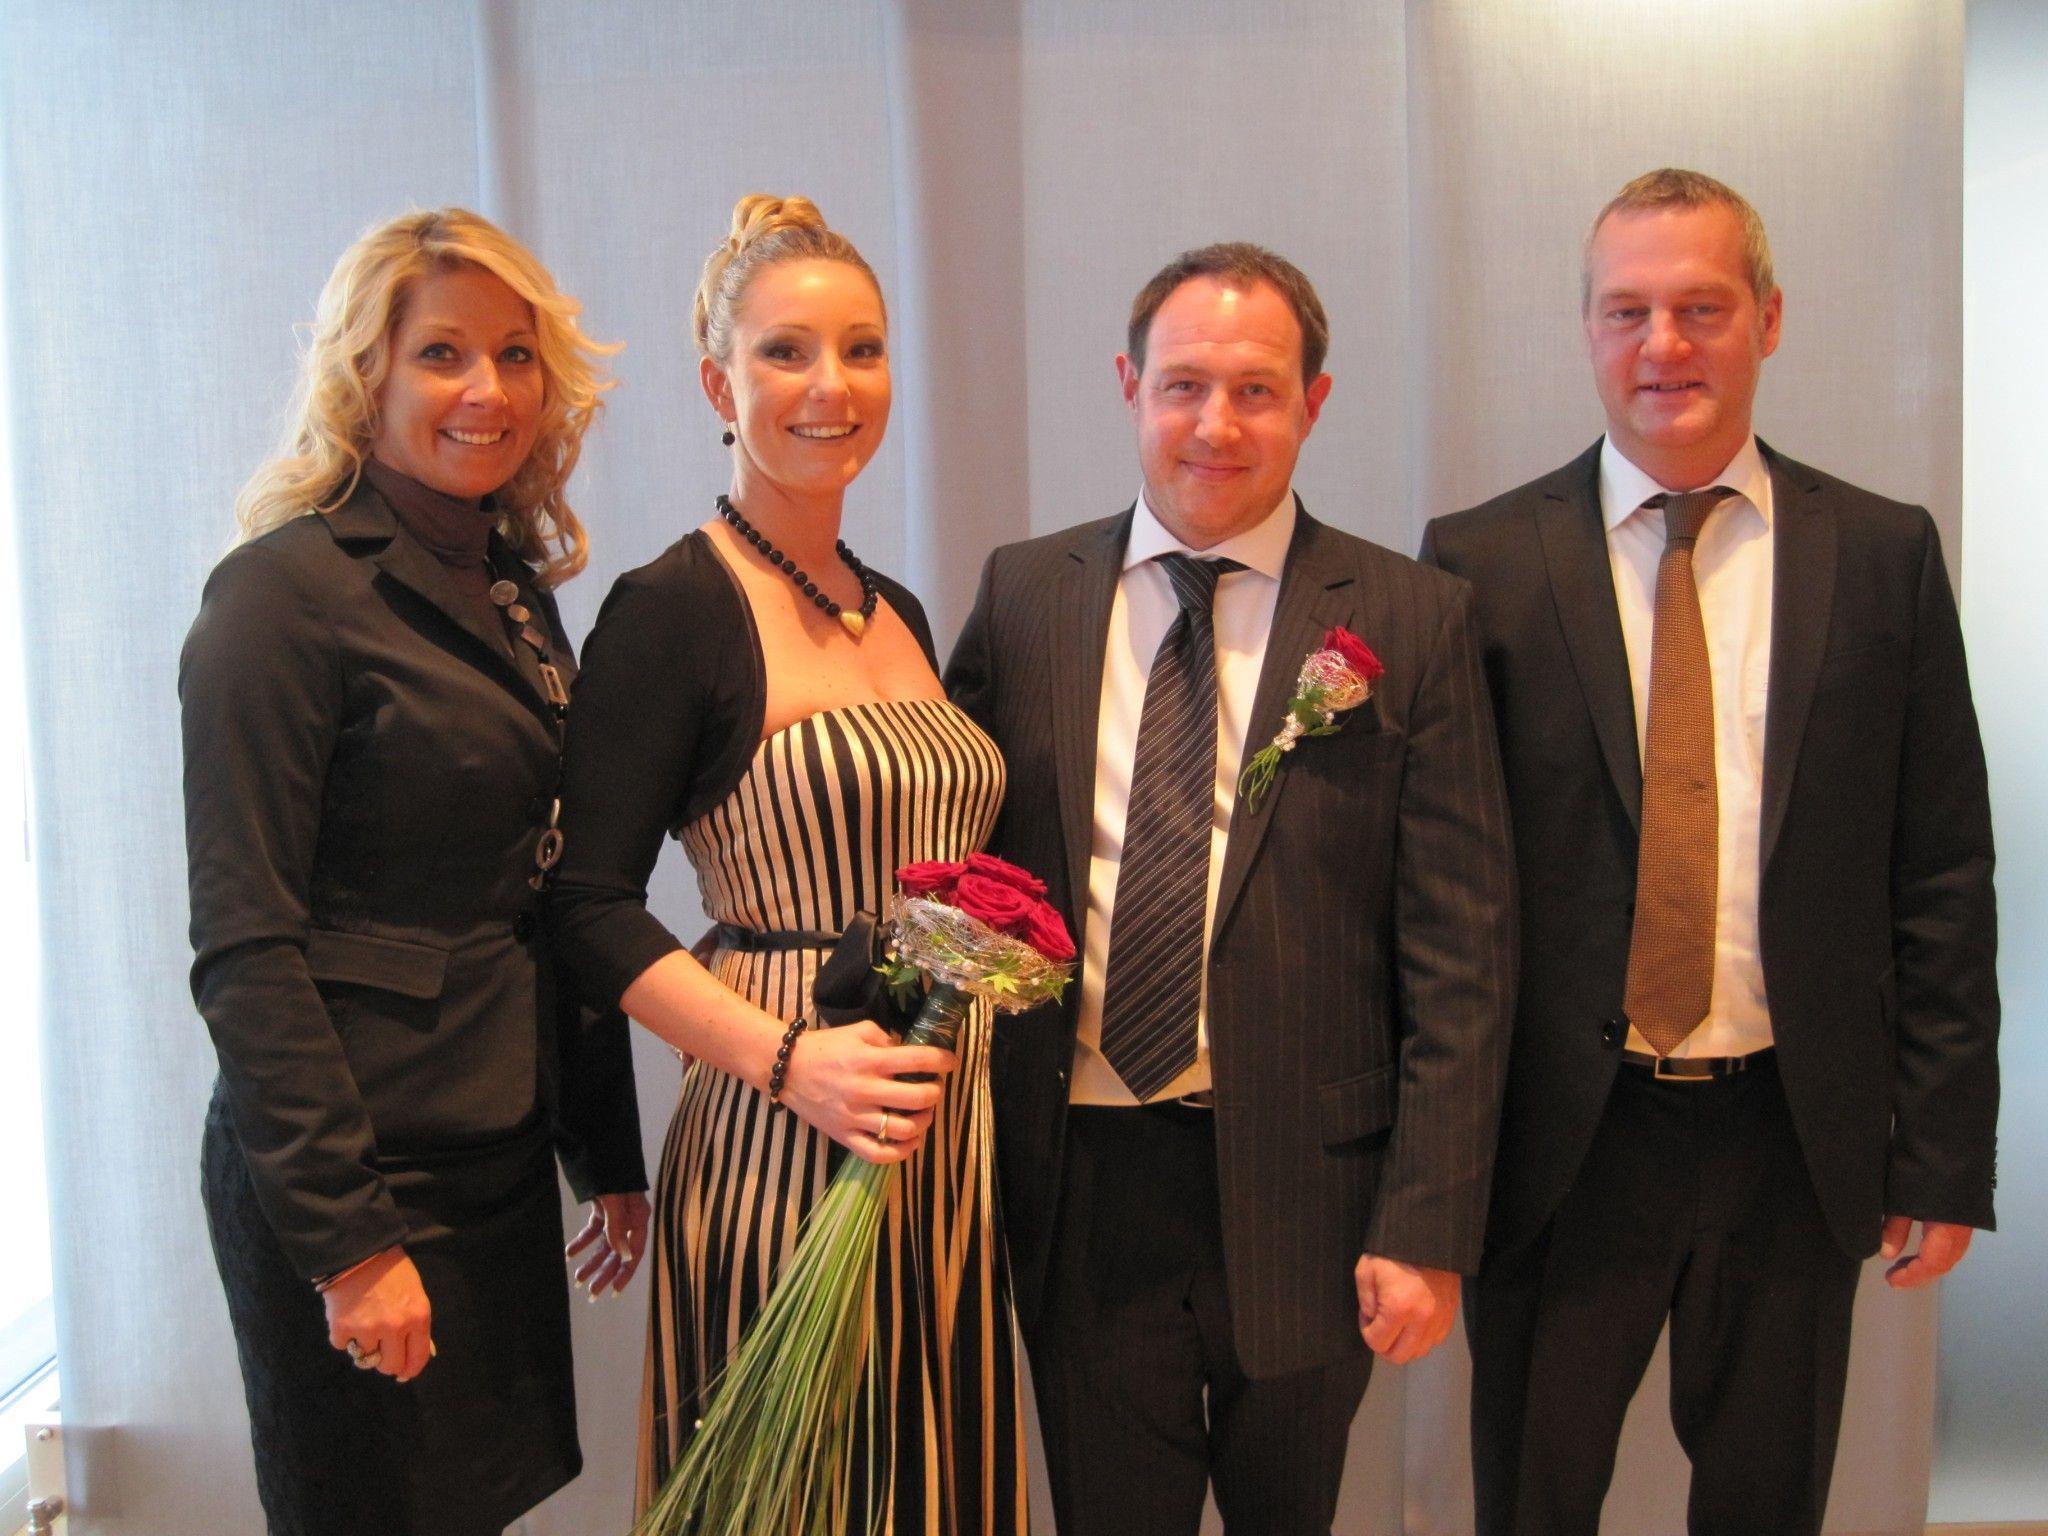 Nadine Roither und Oliver Welte haben geheiratet